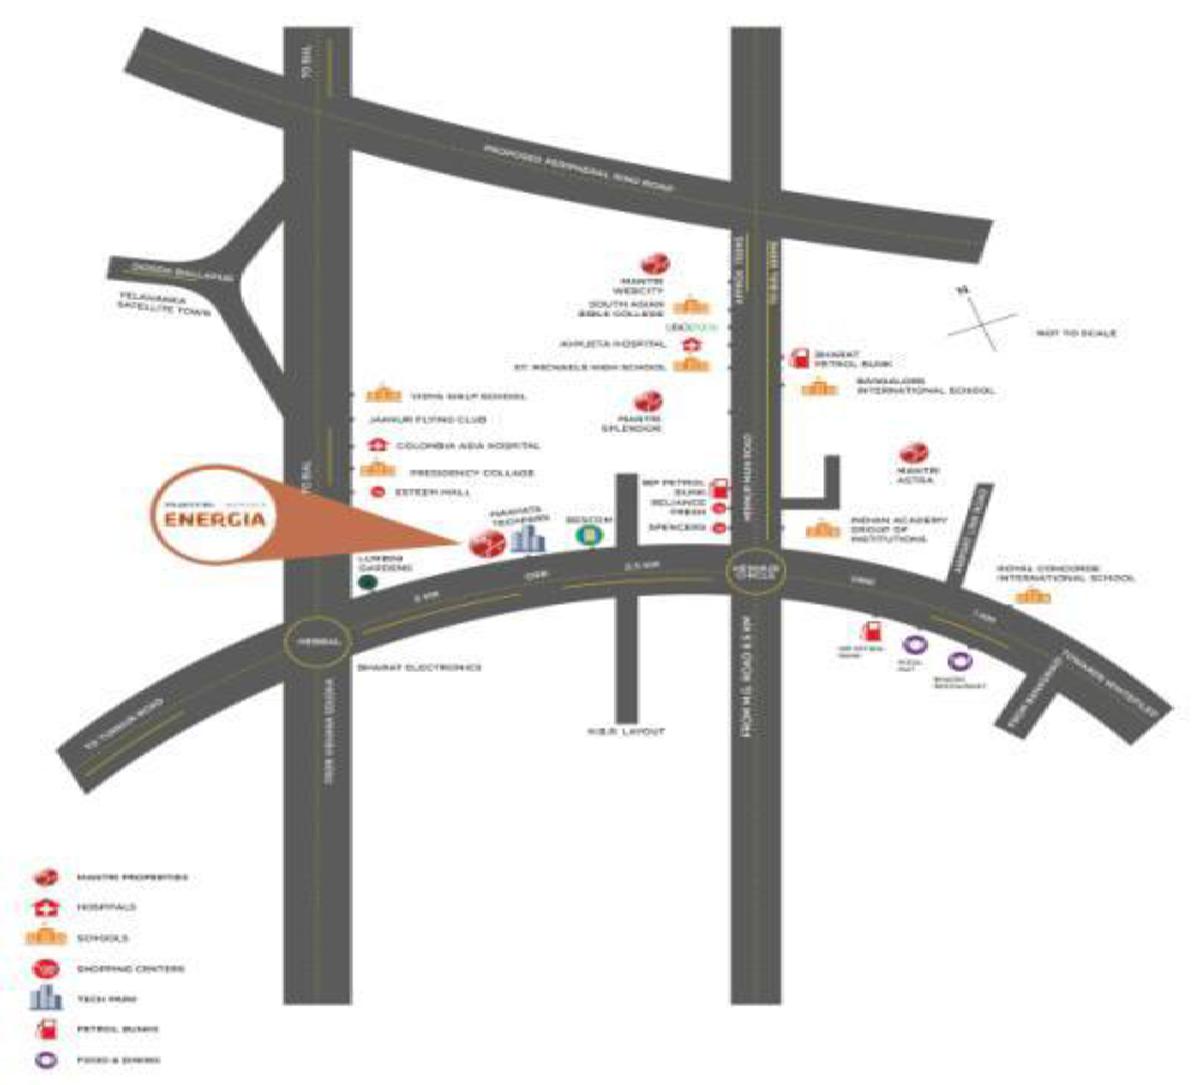 Location Map Mantri Energia